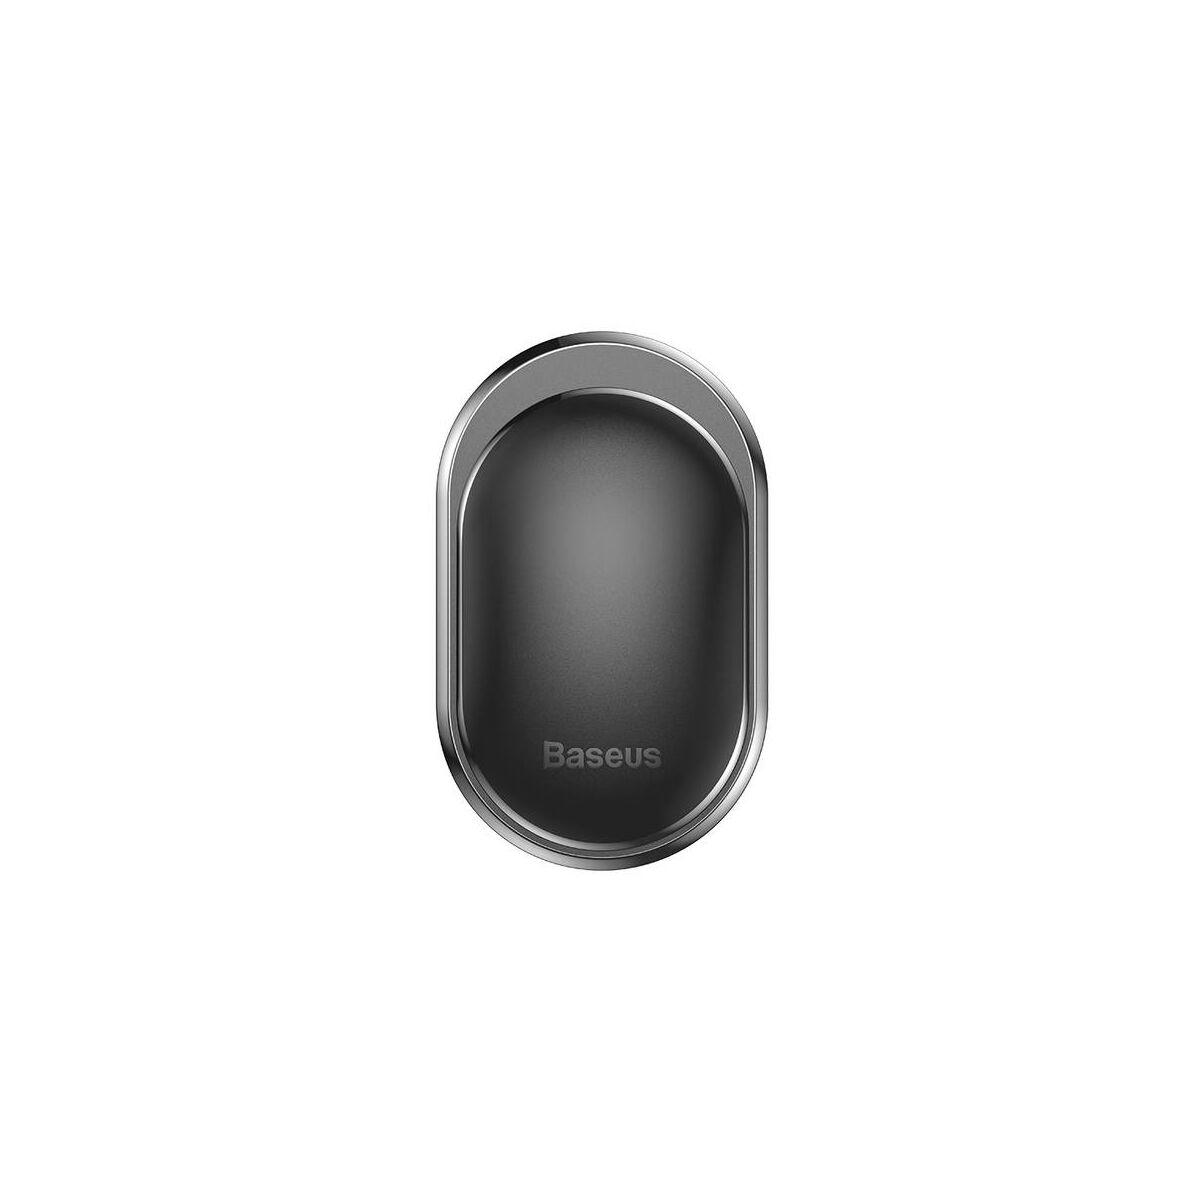 Baseus autós kiegészítő, Small Shell, ragasztható fogas, fekete (ACGGBK-01)